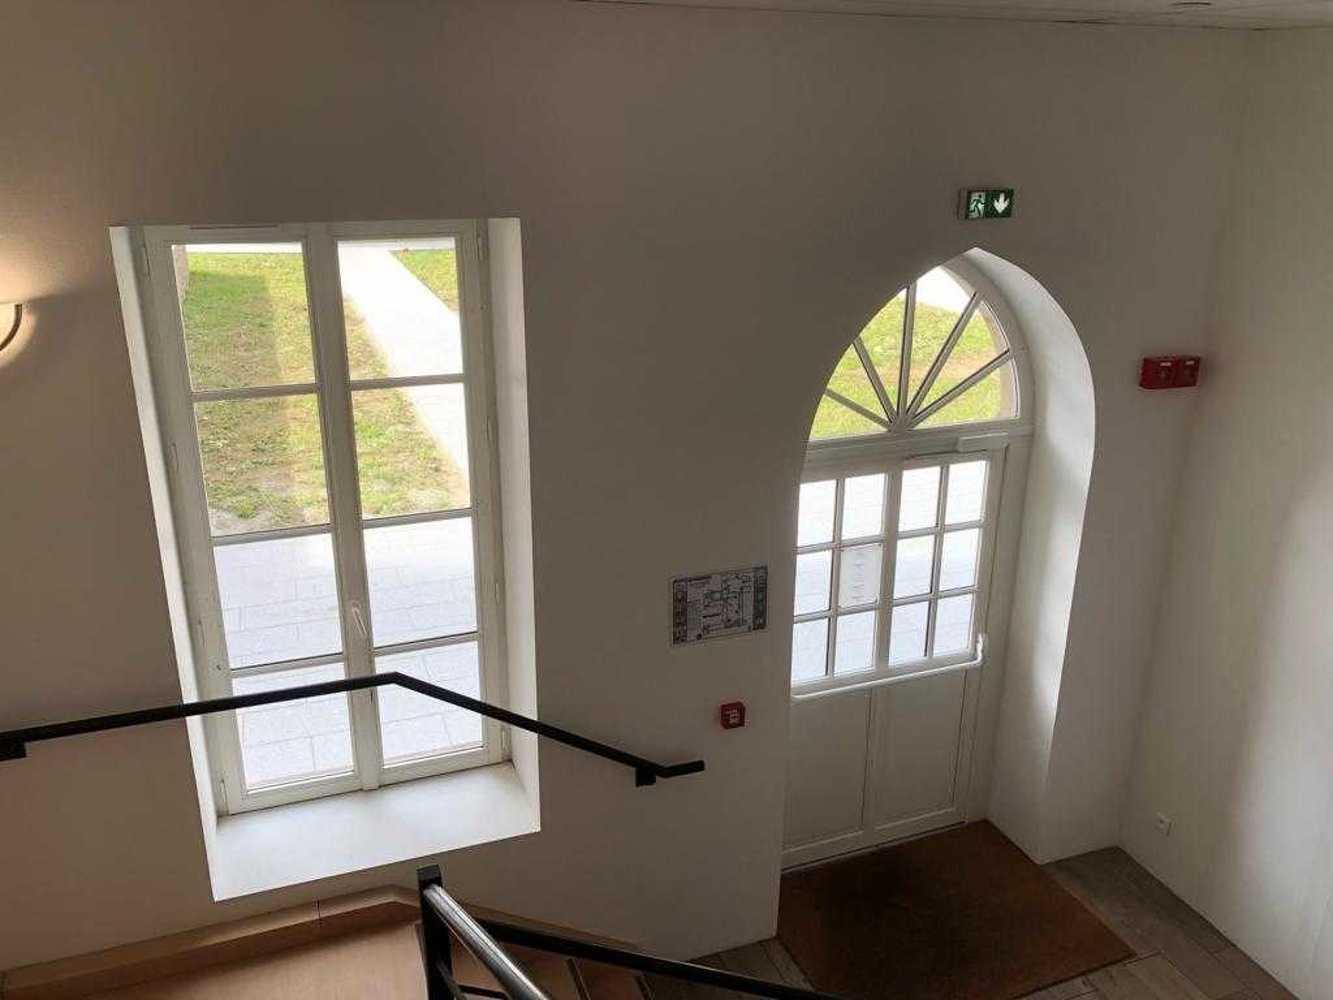 Fenêtre bois et porte d''entrée bois avec imposte fixe - Dinan -22 img-20191016-wa0002